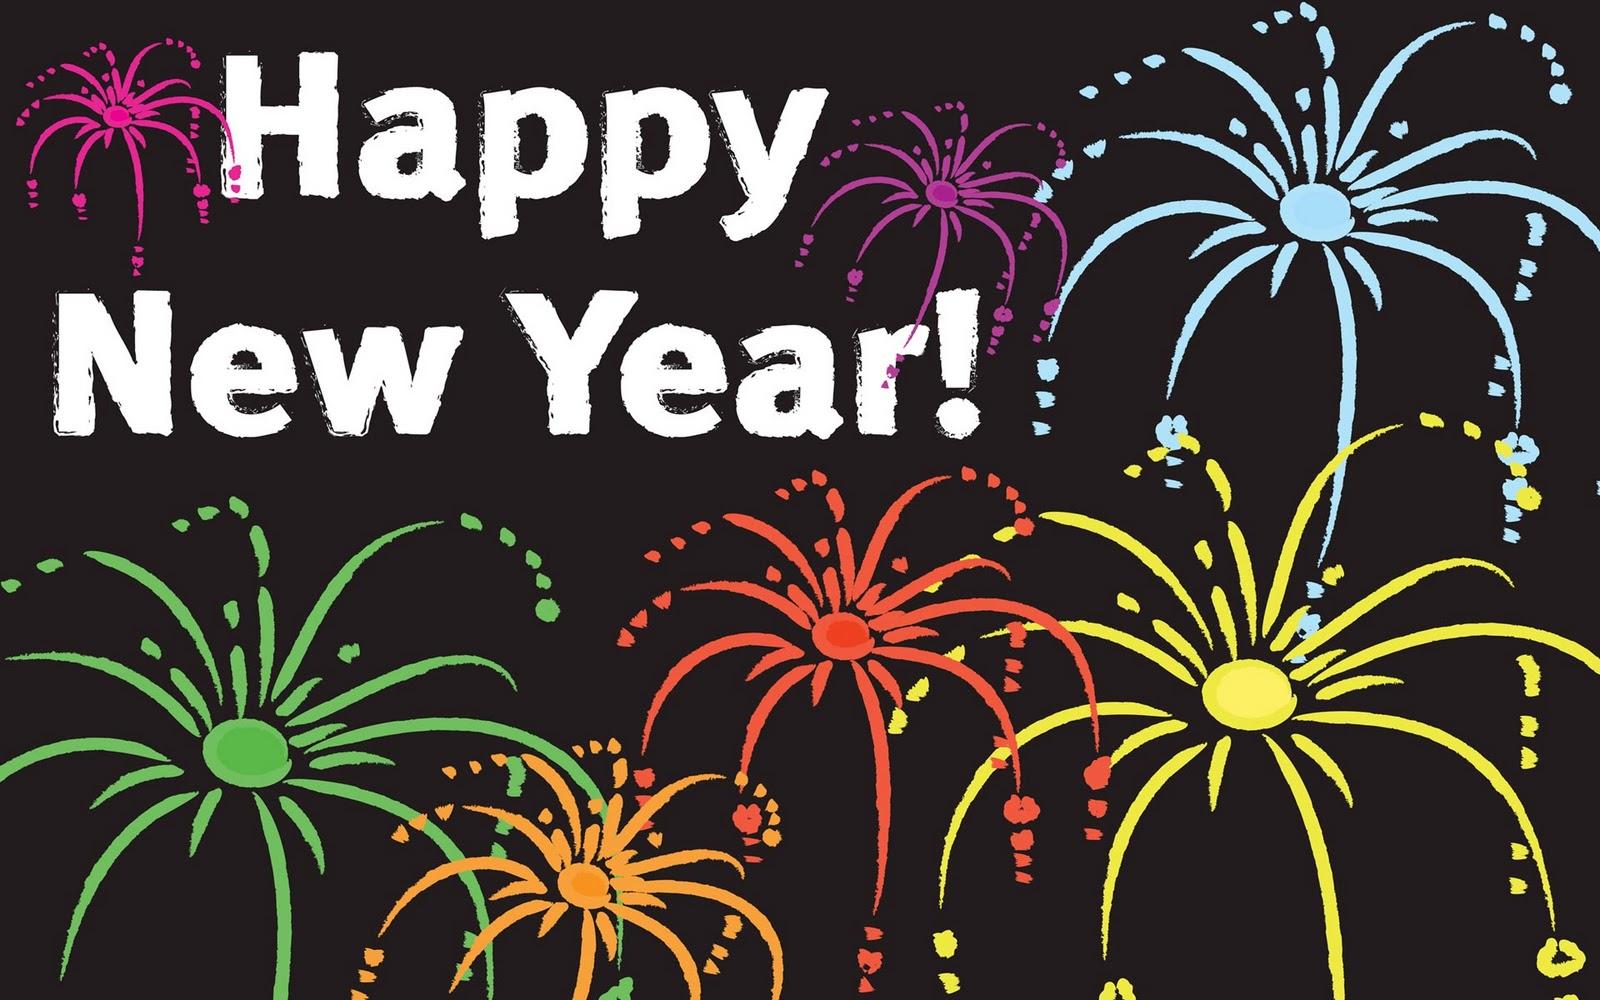 http://2.bp.blogspot.com/-xd-S6eQt3_M/Tse18h_z1ZI/AAAAAAAATJM/dT3QOswpIvY/s1600/Mooie-happy-new-year-achtergronden-gelukkig-nieuwjaar-wallpapers-afbeelding-2.jpg